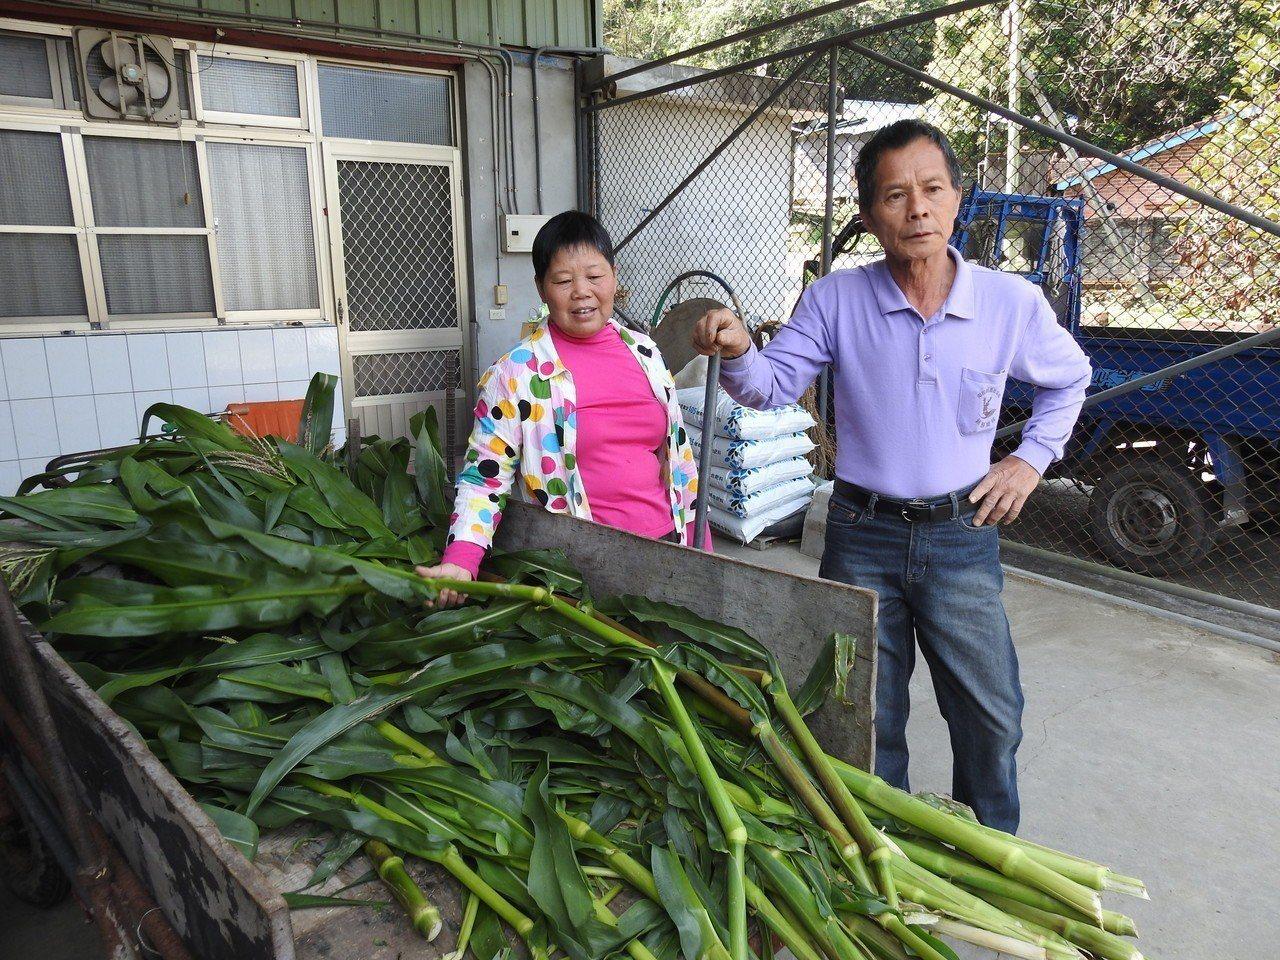 南投縣國姓鄉南港村多數玉米田採密集種植,不為了吃玉米,而是要取玉米莖供鹿隻食用。...